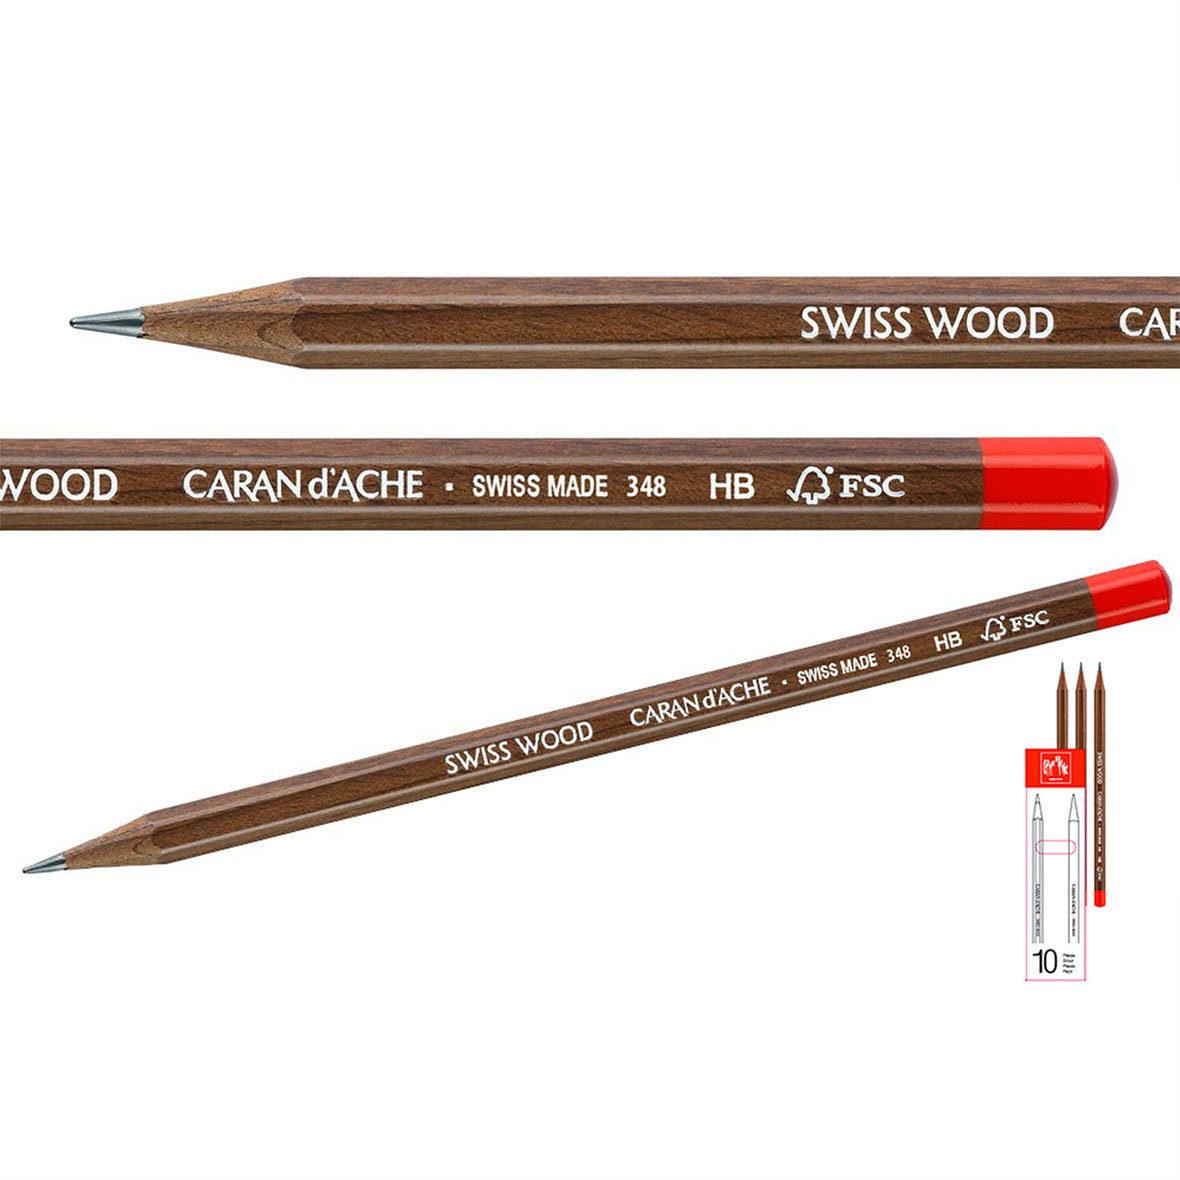 bleistift swiss wood caran d ache 01 e1531905018136